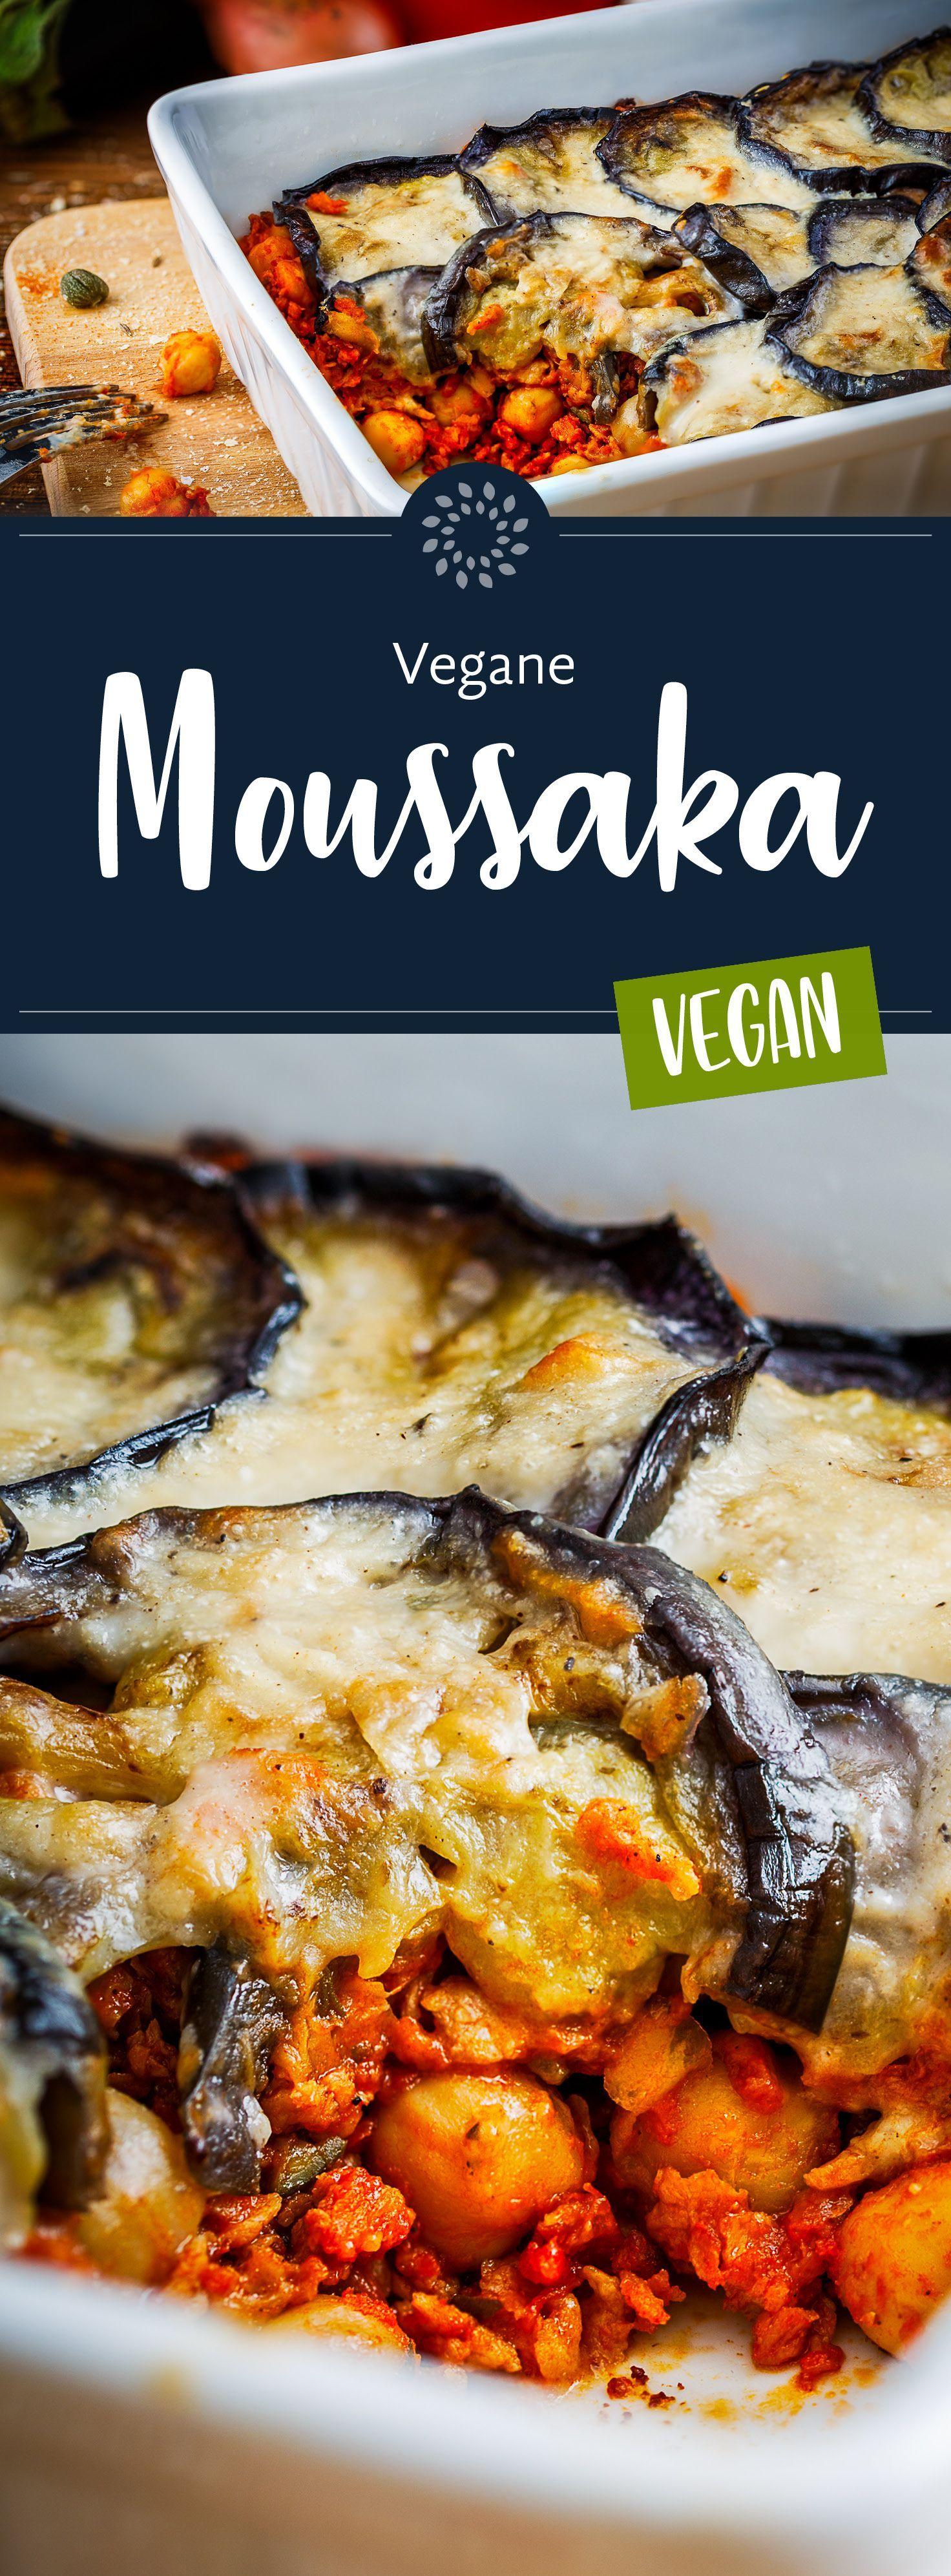 der traditionellen Zubereitung mit Hackfleisch und überbackenem Käse haben wir für unsere vegane Moussaka Aubergine, Kichererbsen, Tomaten und Sojahack verwendet. Probiert es aus!